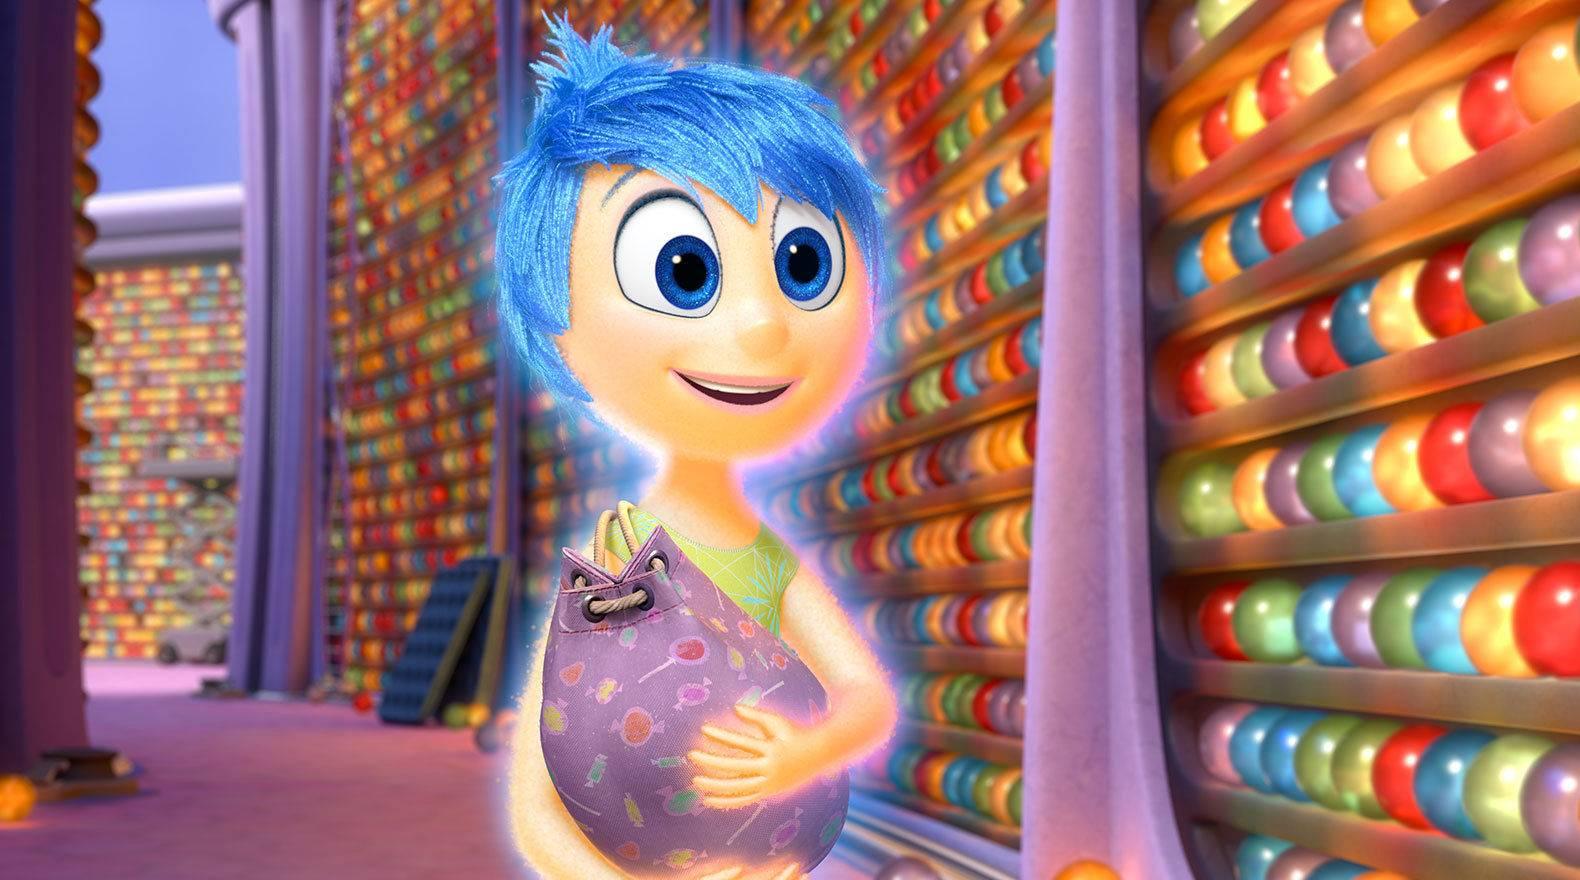 Топ: 100 лучших анимационных фильмов всех времён (по версии USA Today) 5